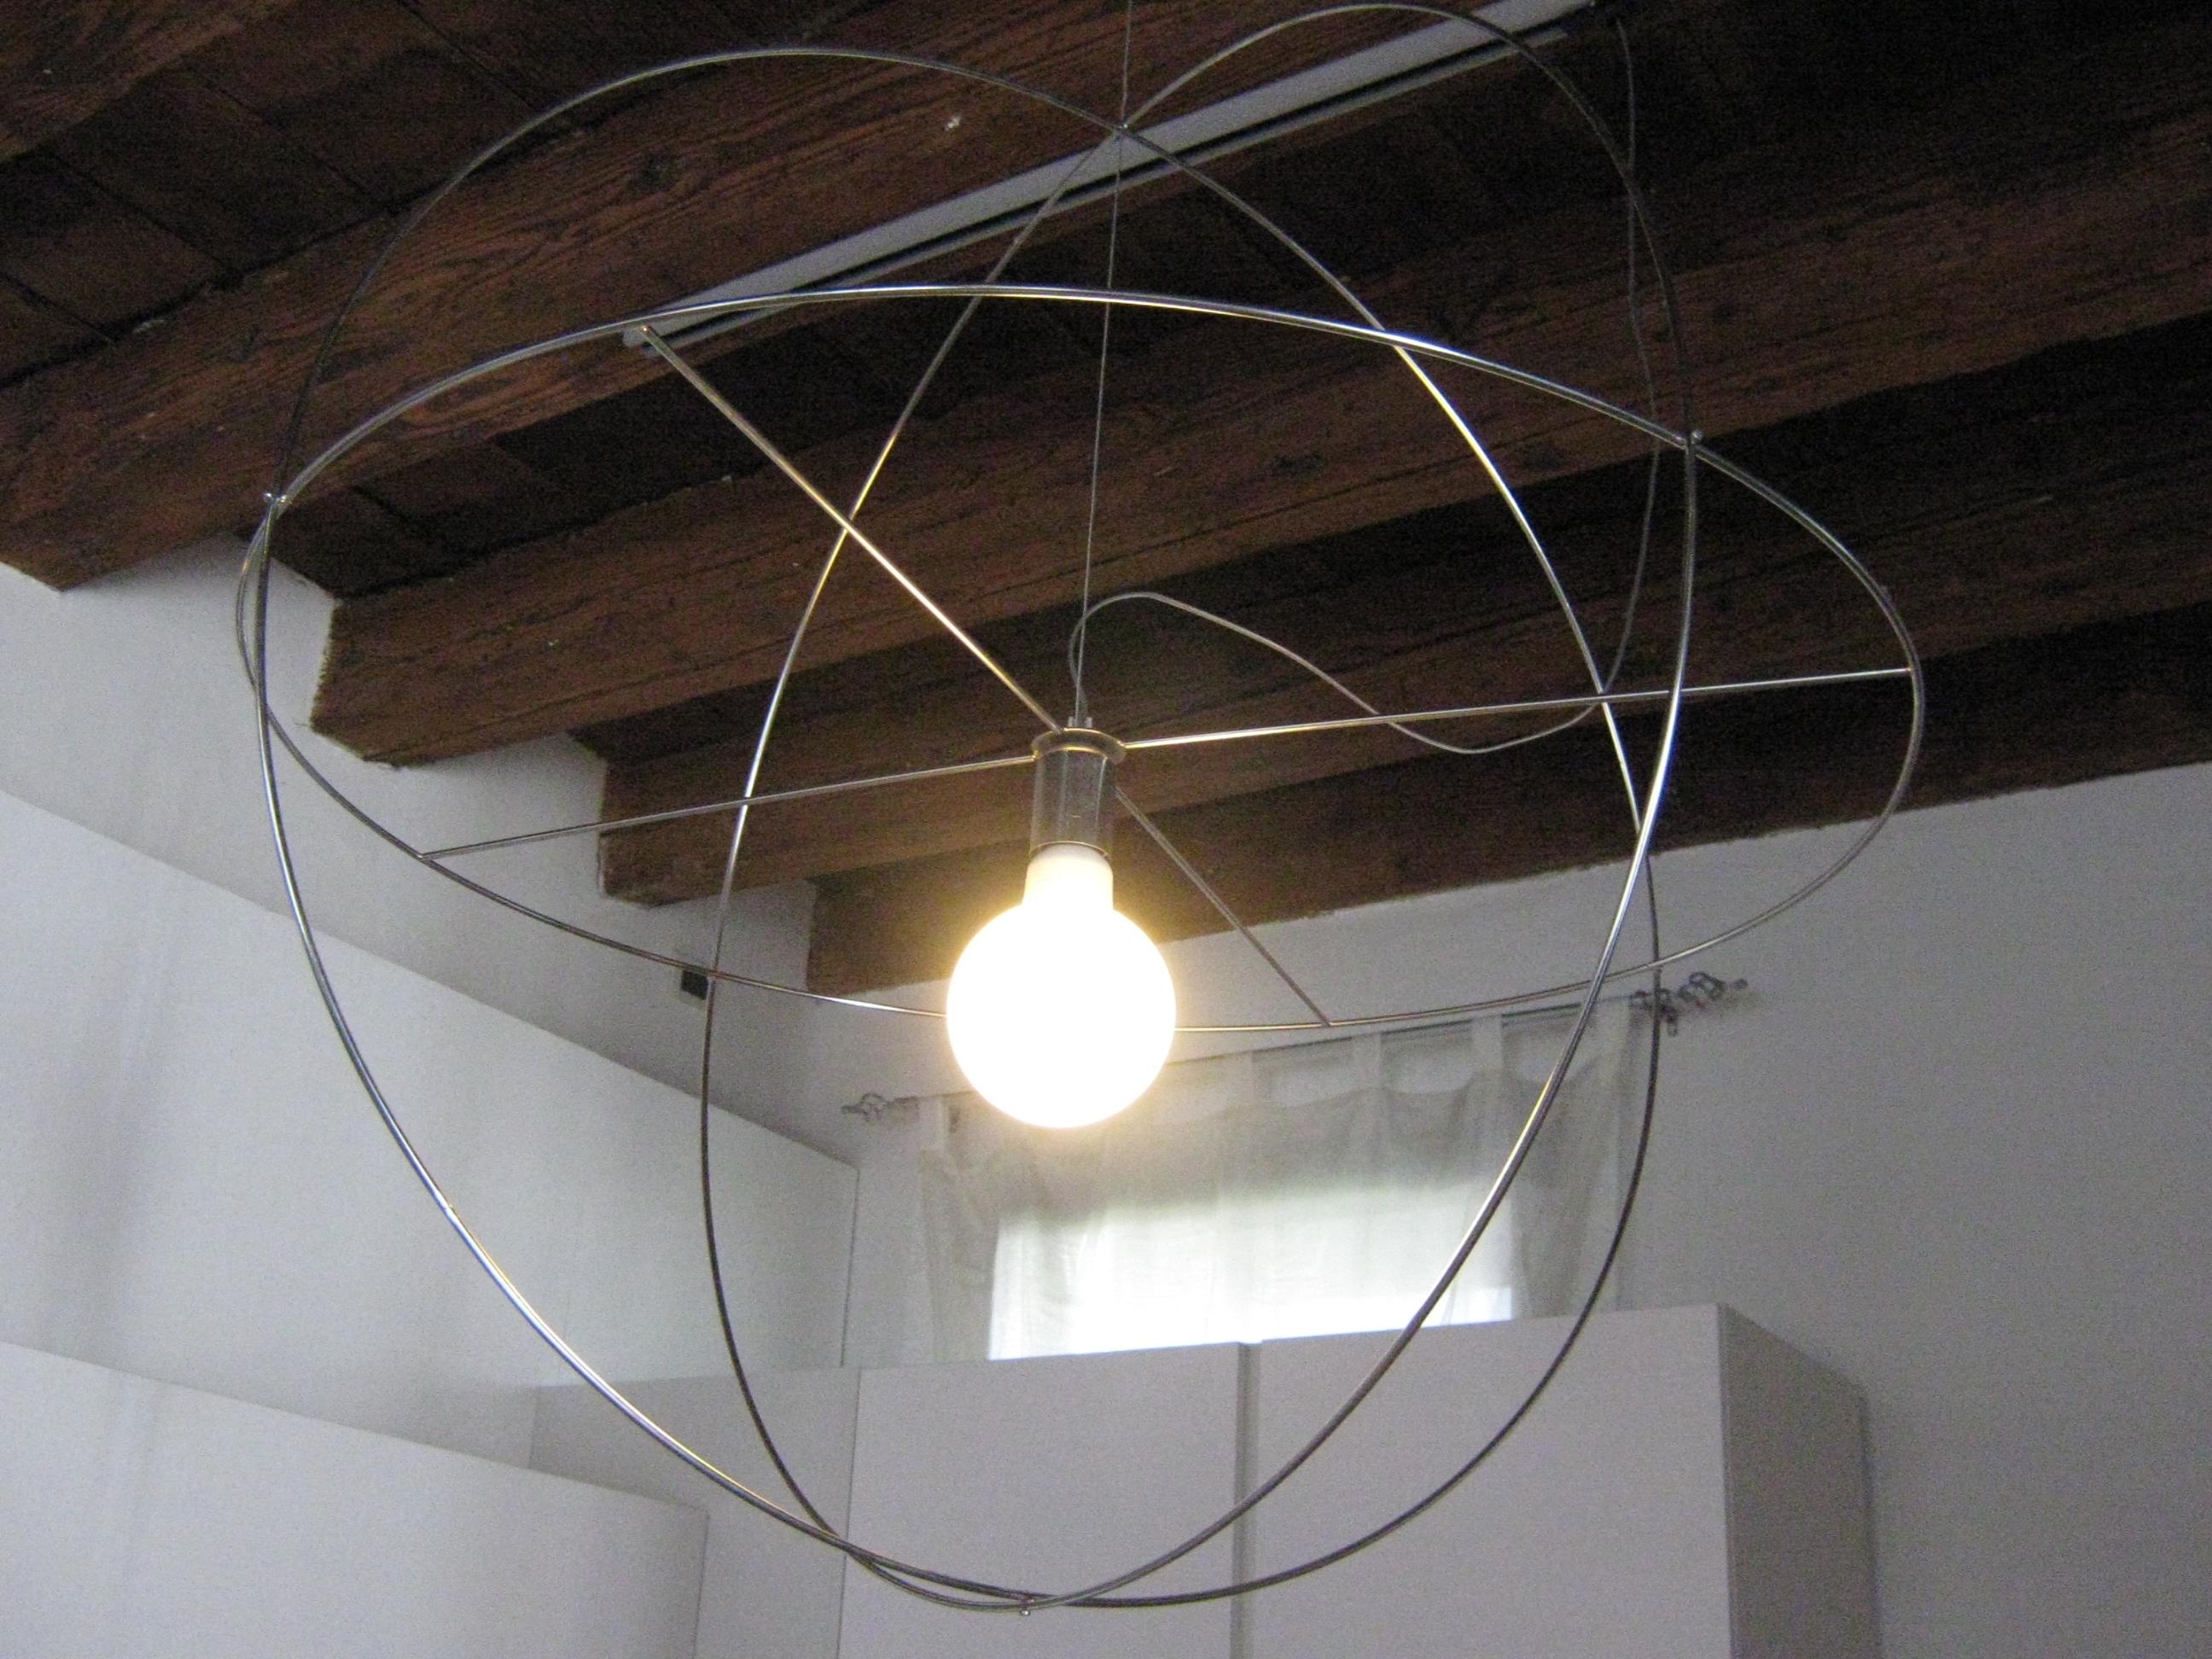 Lampada Adriani & Rossi outlet - Illuminazione a prezzi scontati